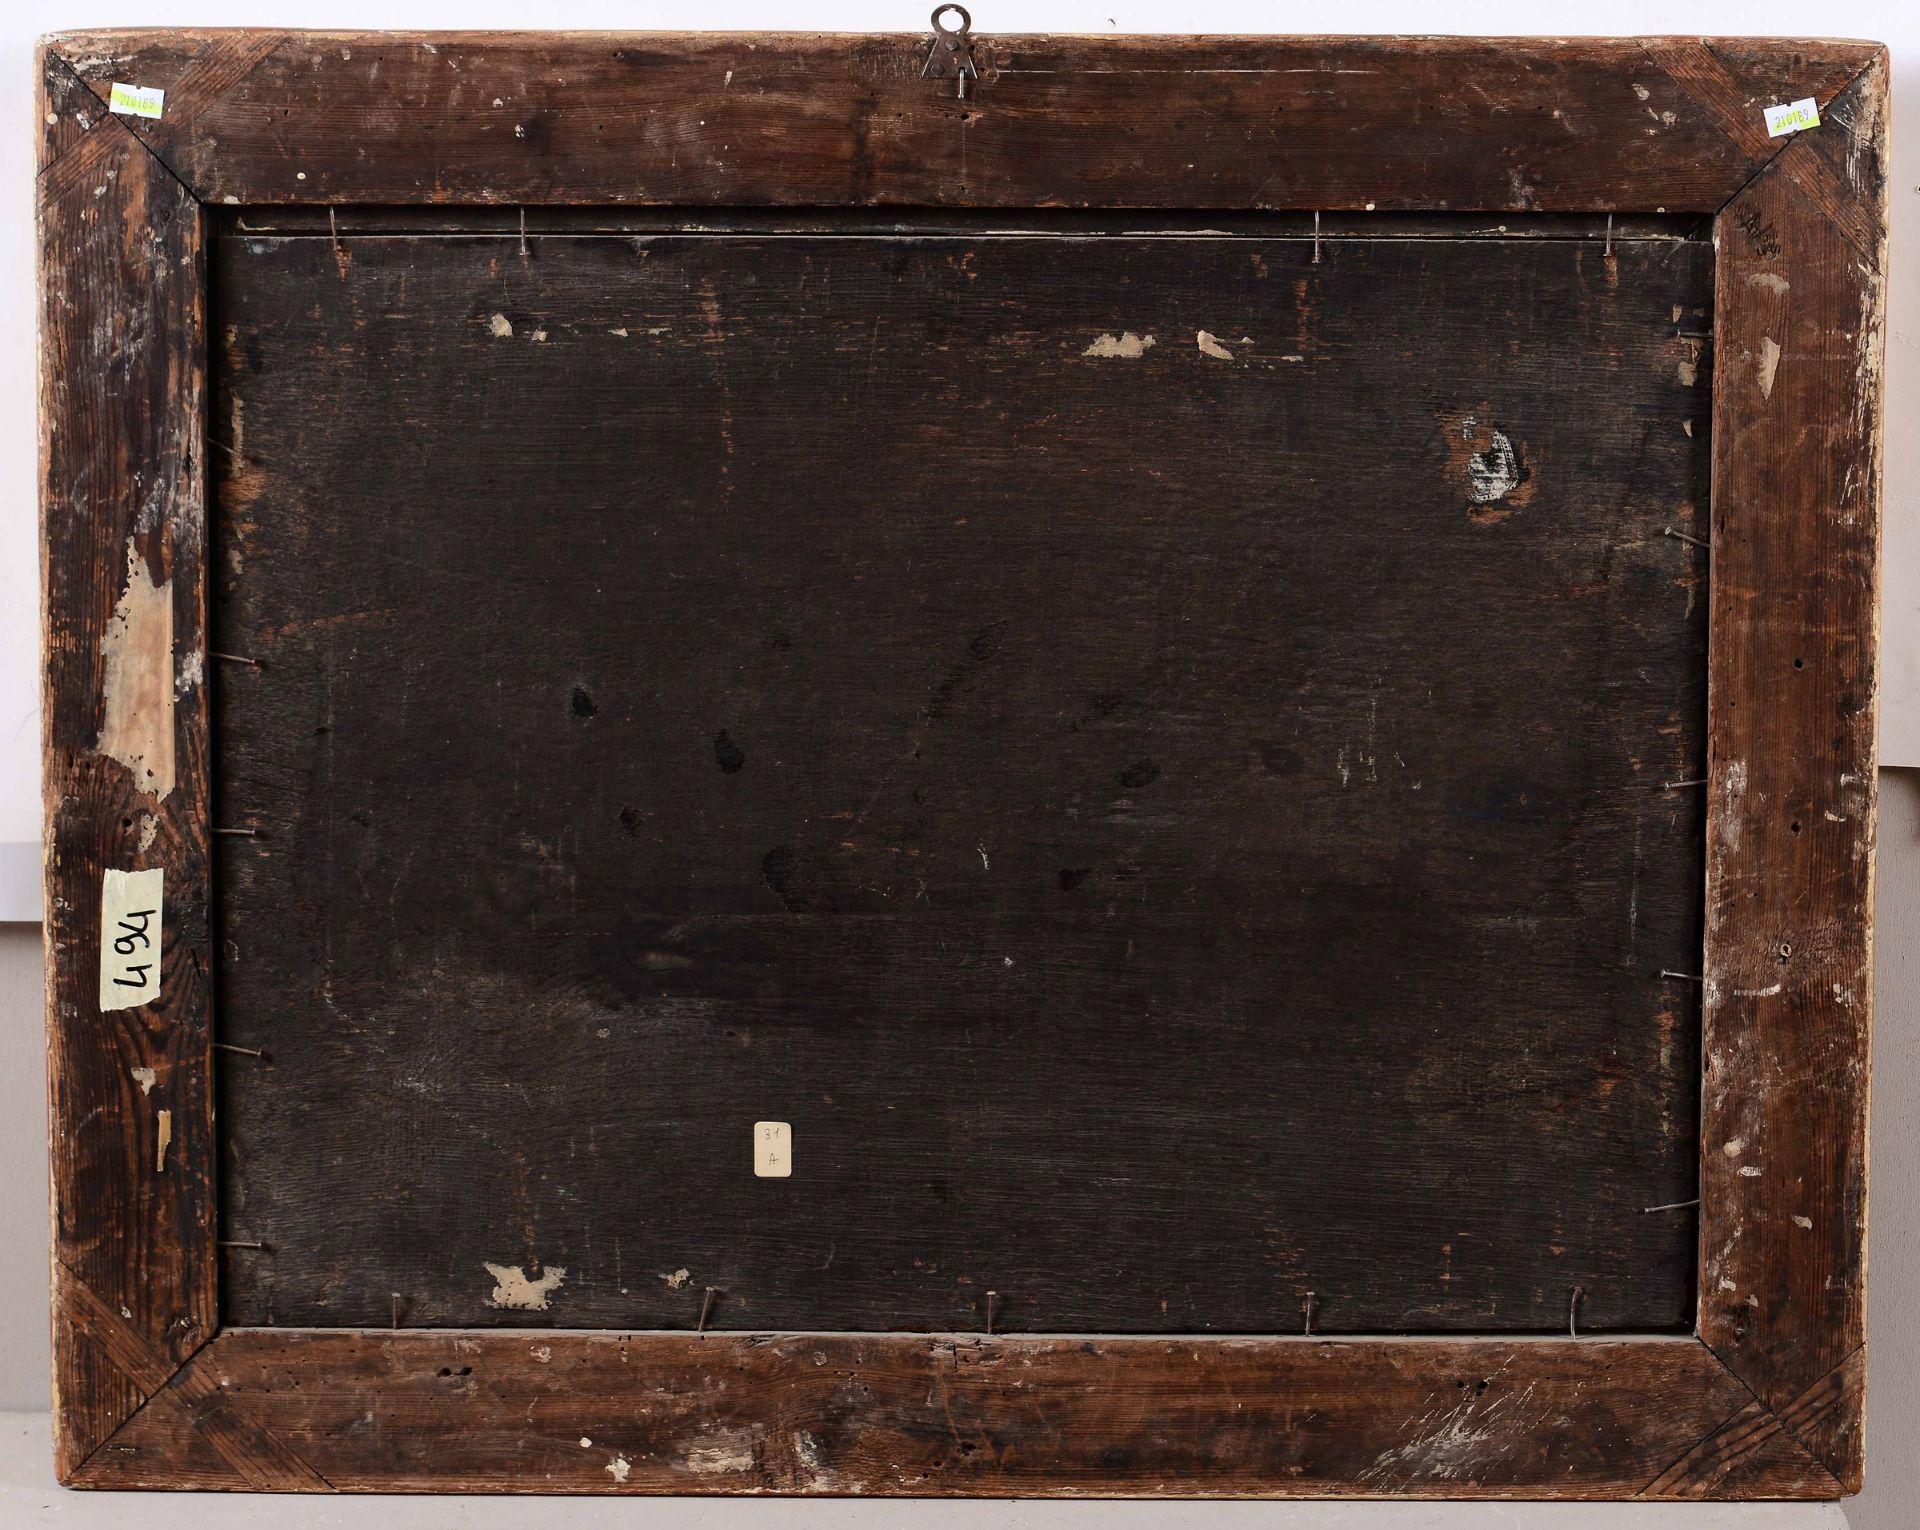 Los 33 - Scuola olandese del XVII secolo, Paesaggio con viandanti e architteture - olio su [...]